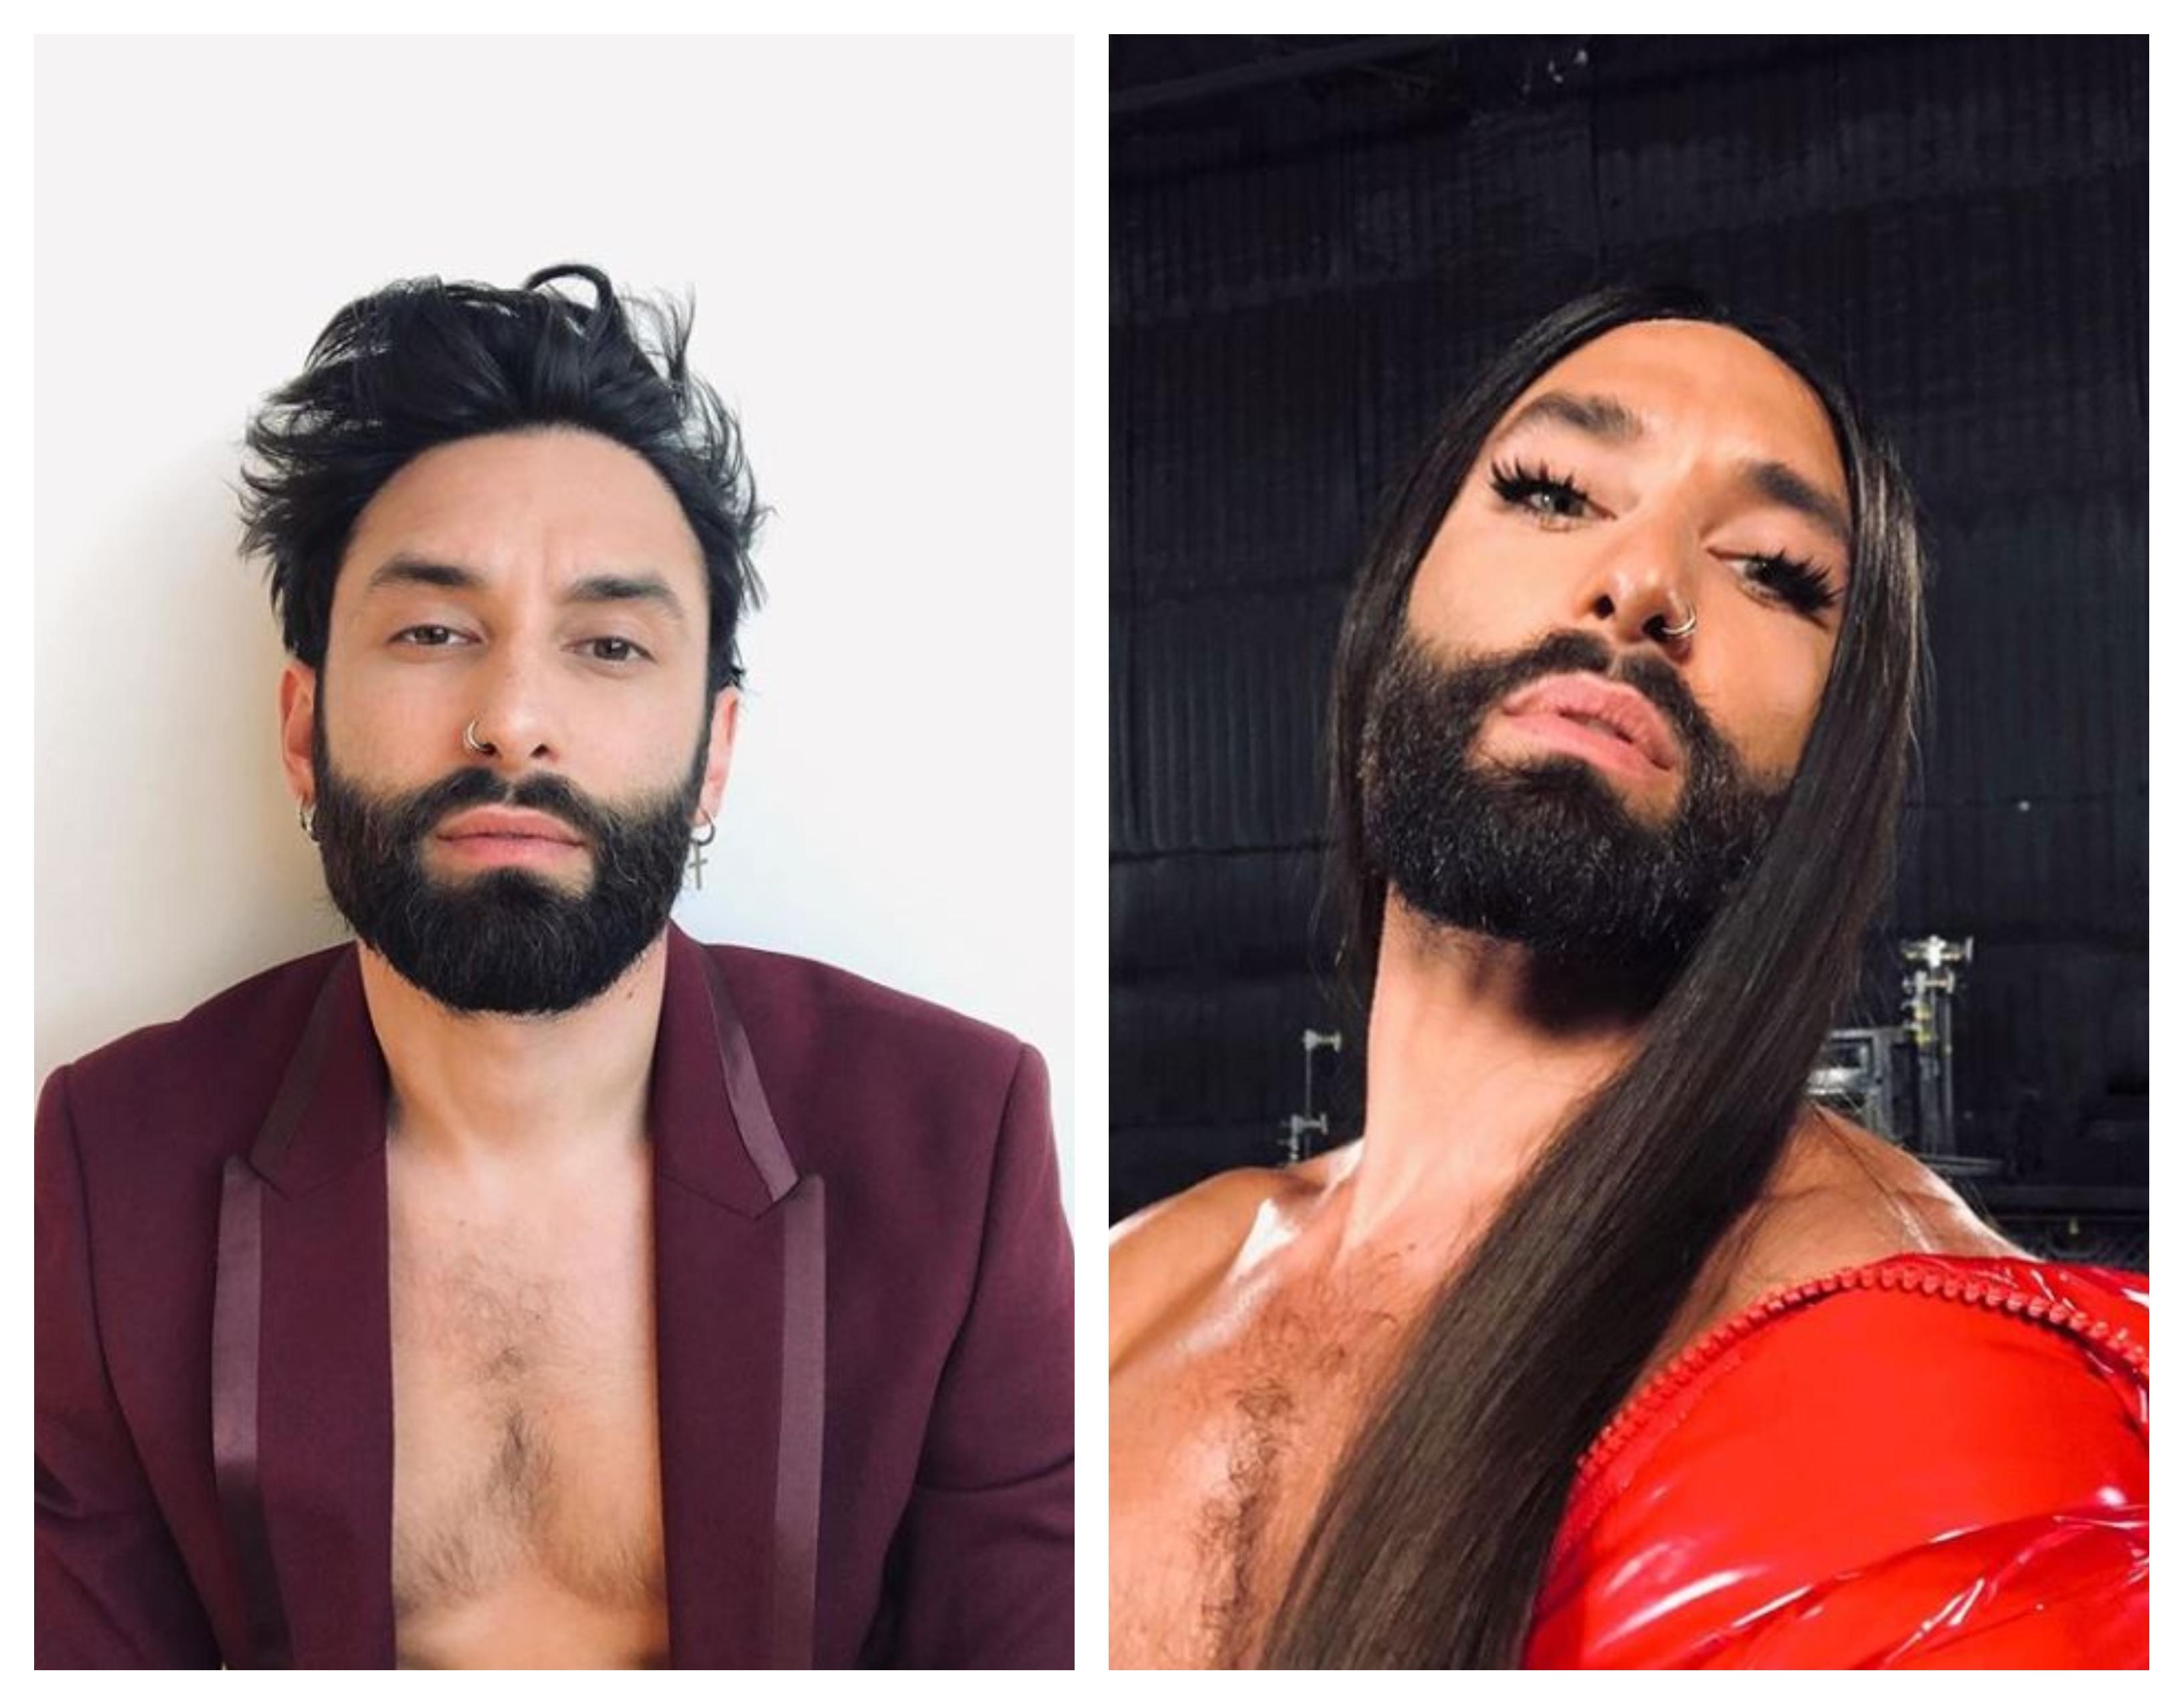 FOTO / Conchita Wurst, schimbare radicală de look! Cum arată acum ...